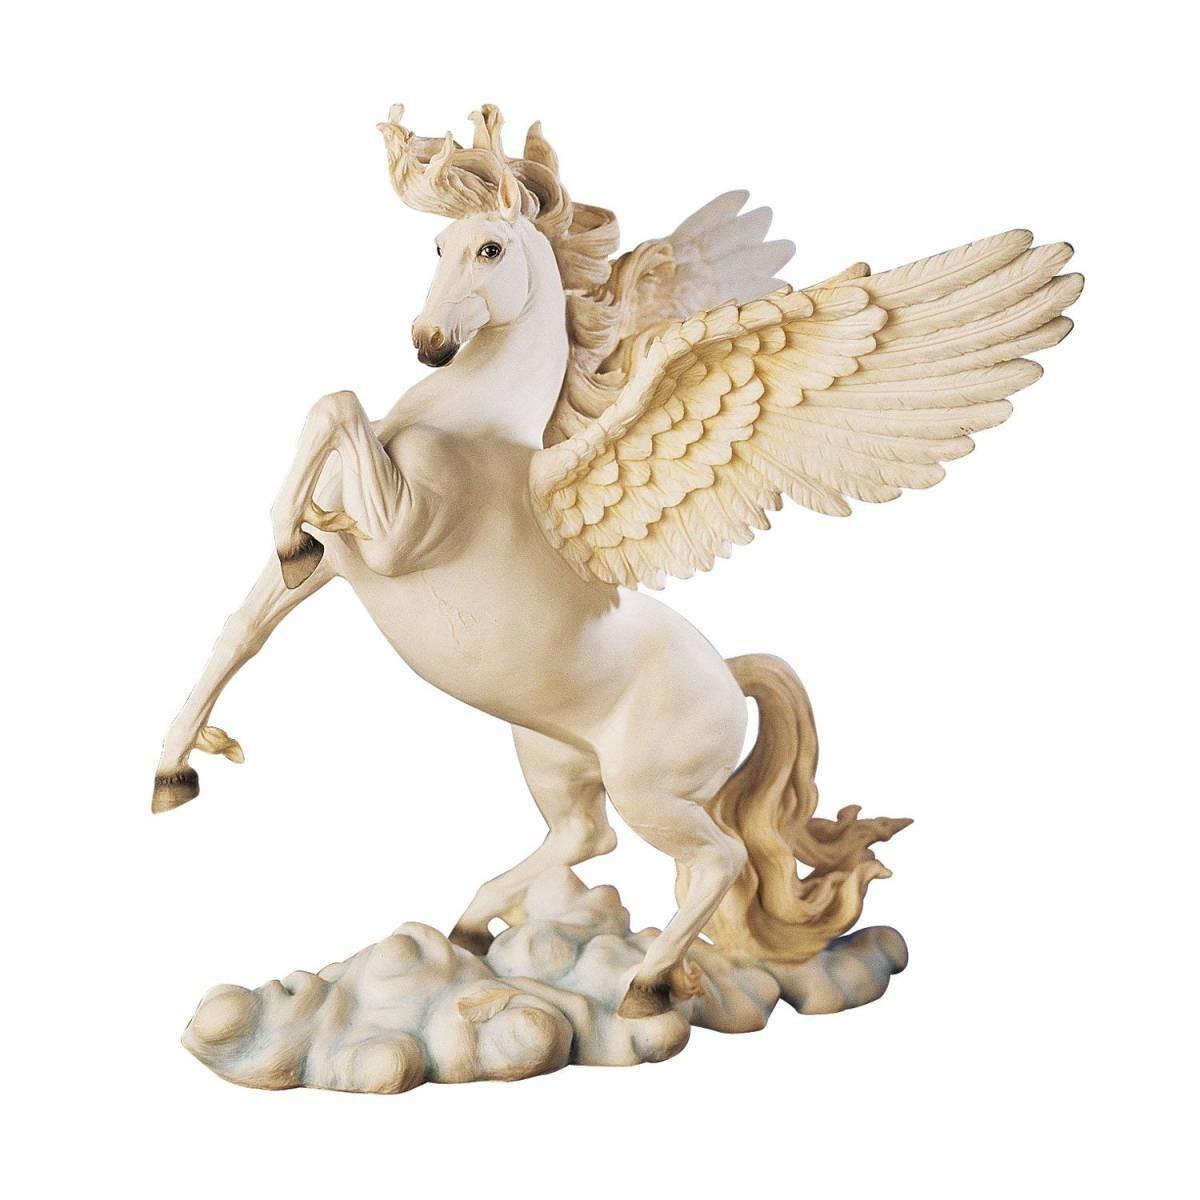 古代ギリシャ ペガサス彫像 高さ約29cm / 11.5 Ancient Greek Tabletop Desktop Pegasus Horse Sculpture Statue(輸入品)